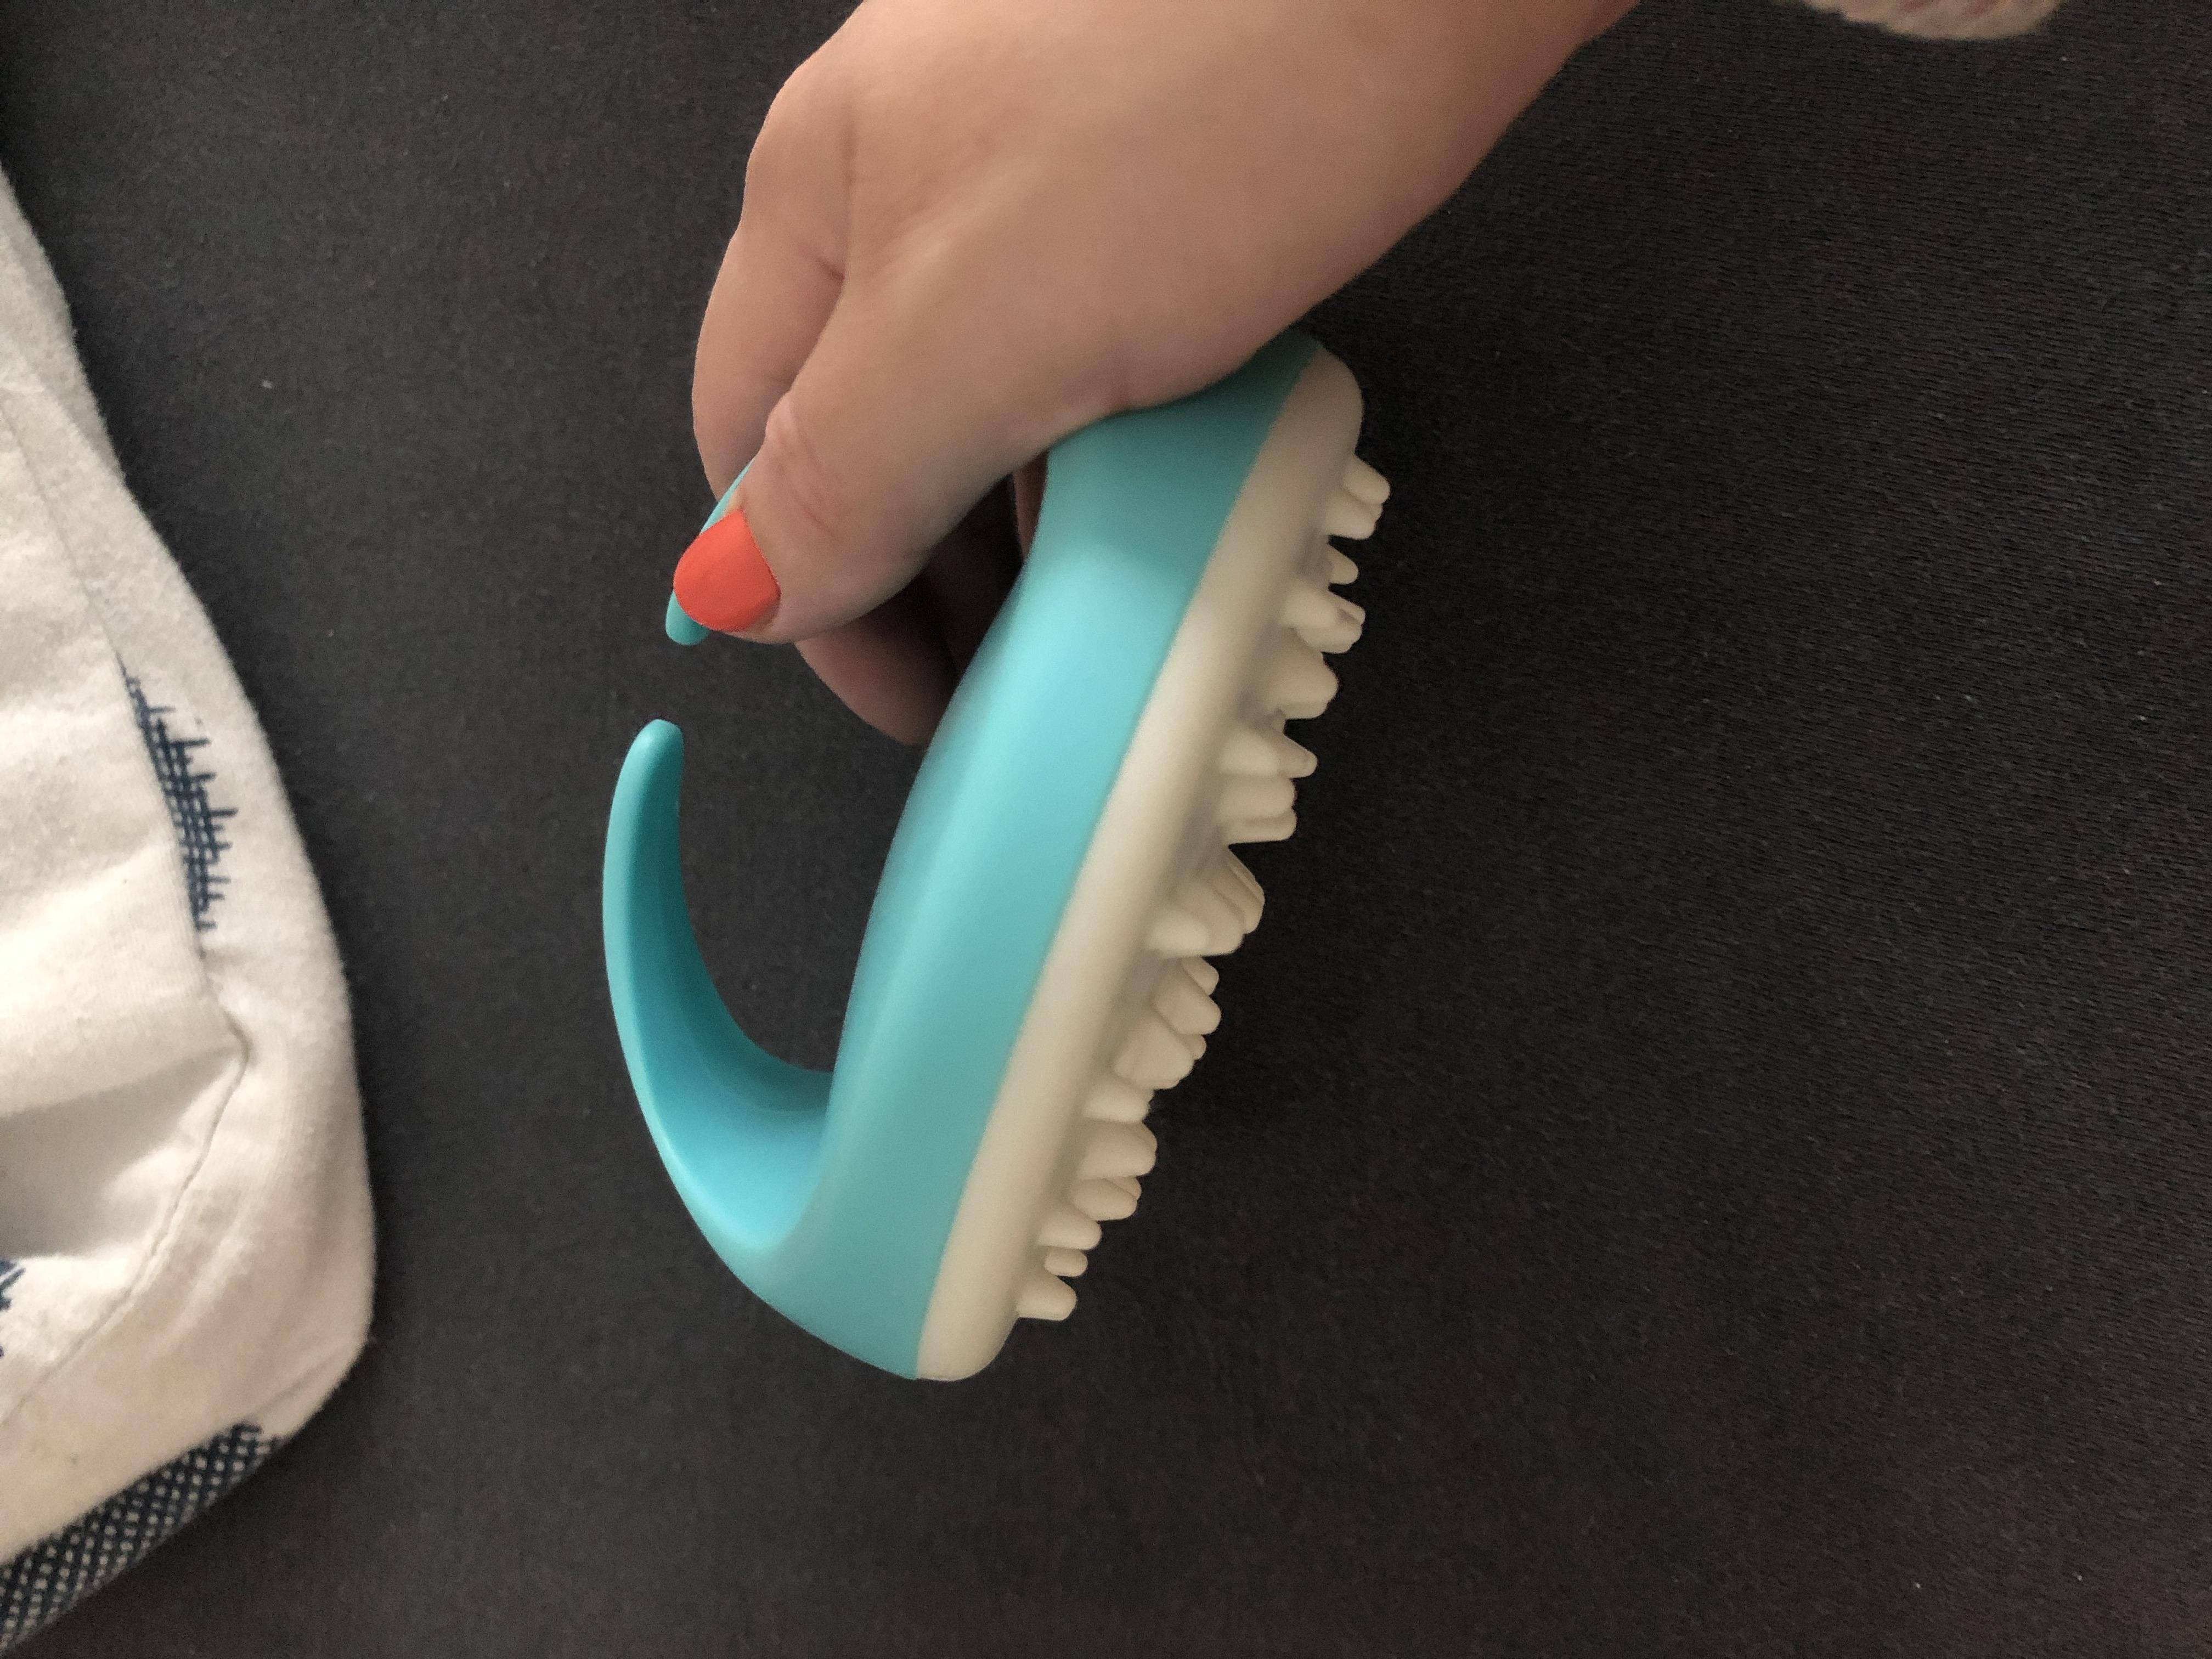 Massagetool (für das Bad) tauschen